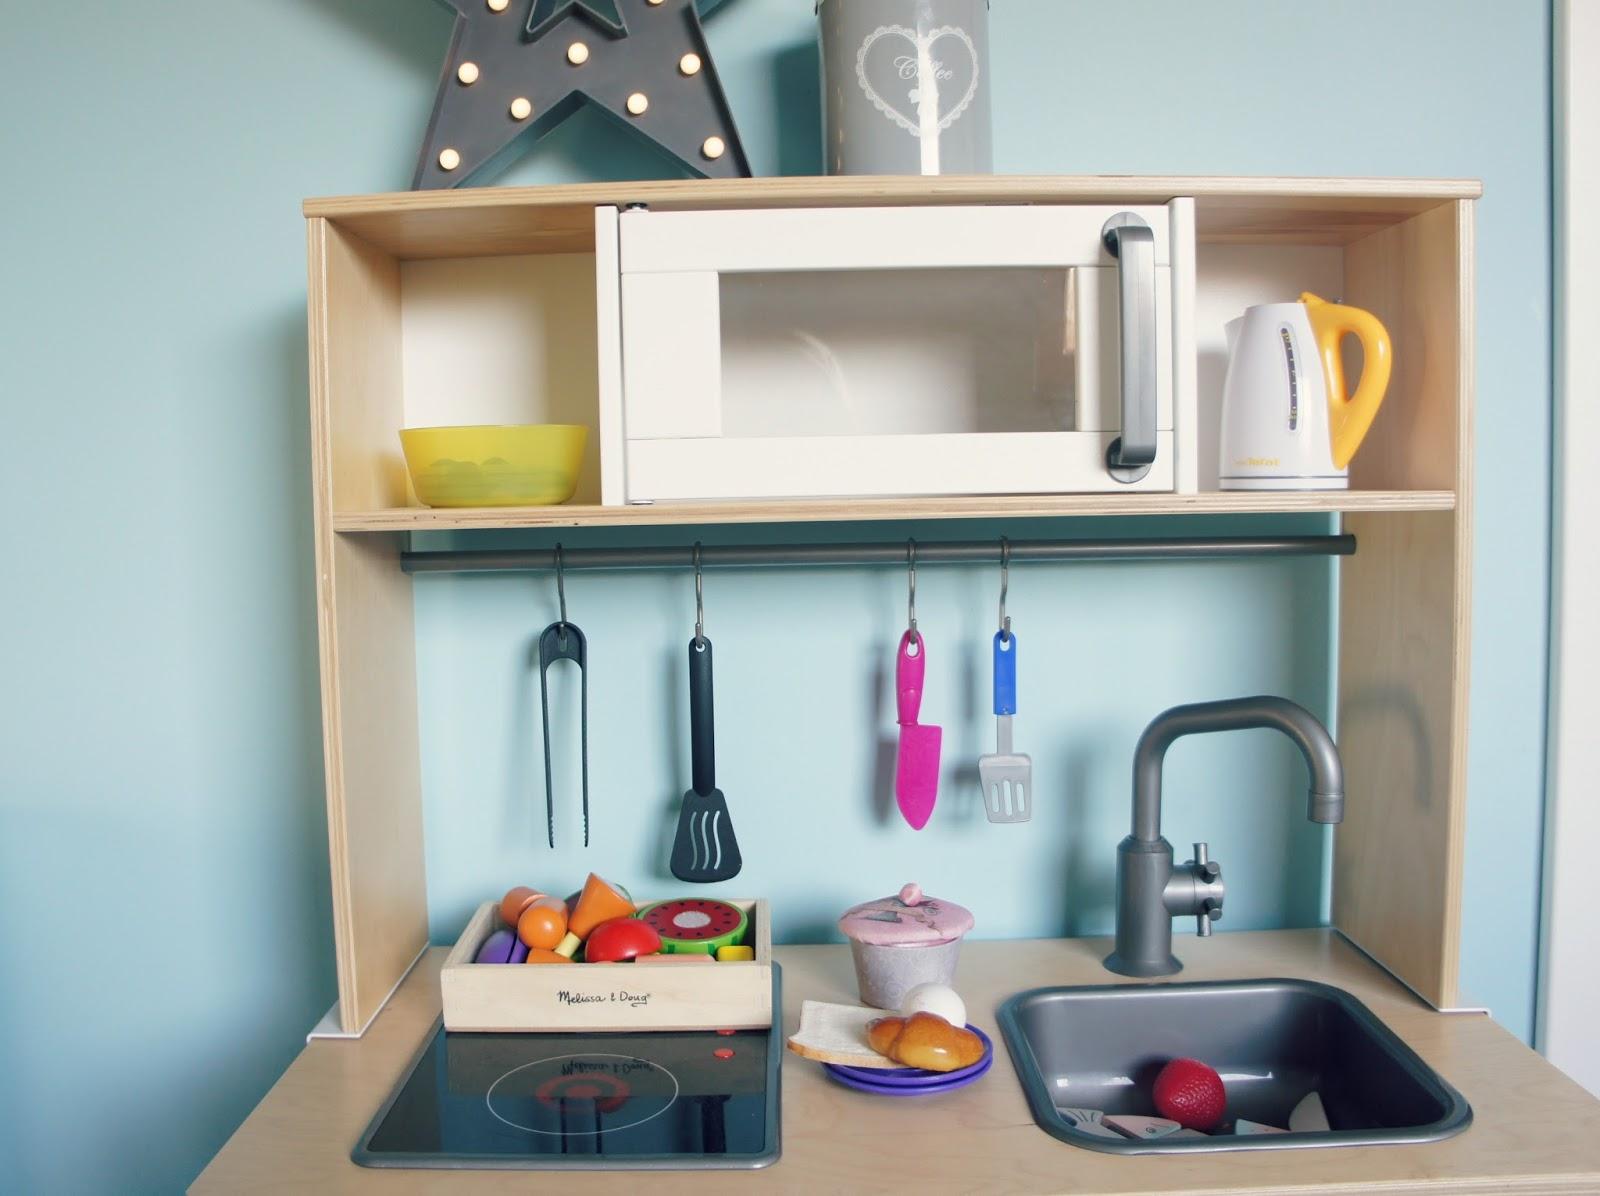 Zabawkowa kuchnia Duktig z Ikea  czy warto kupić? Moja   -> Kuchnia Spotkan Ikea Regulamin